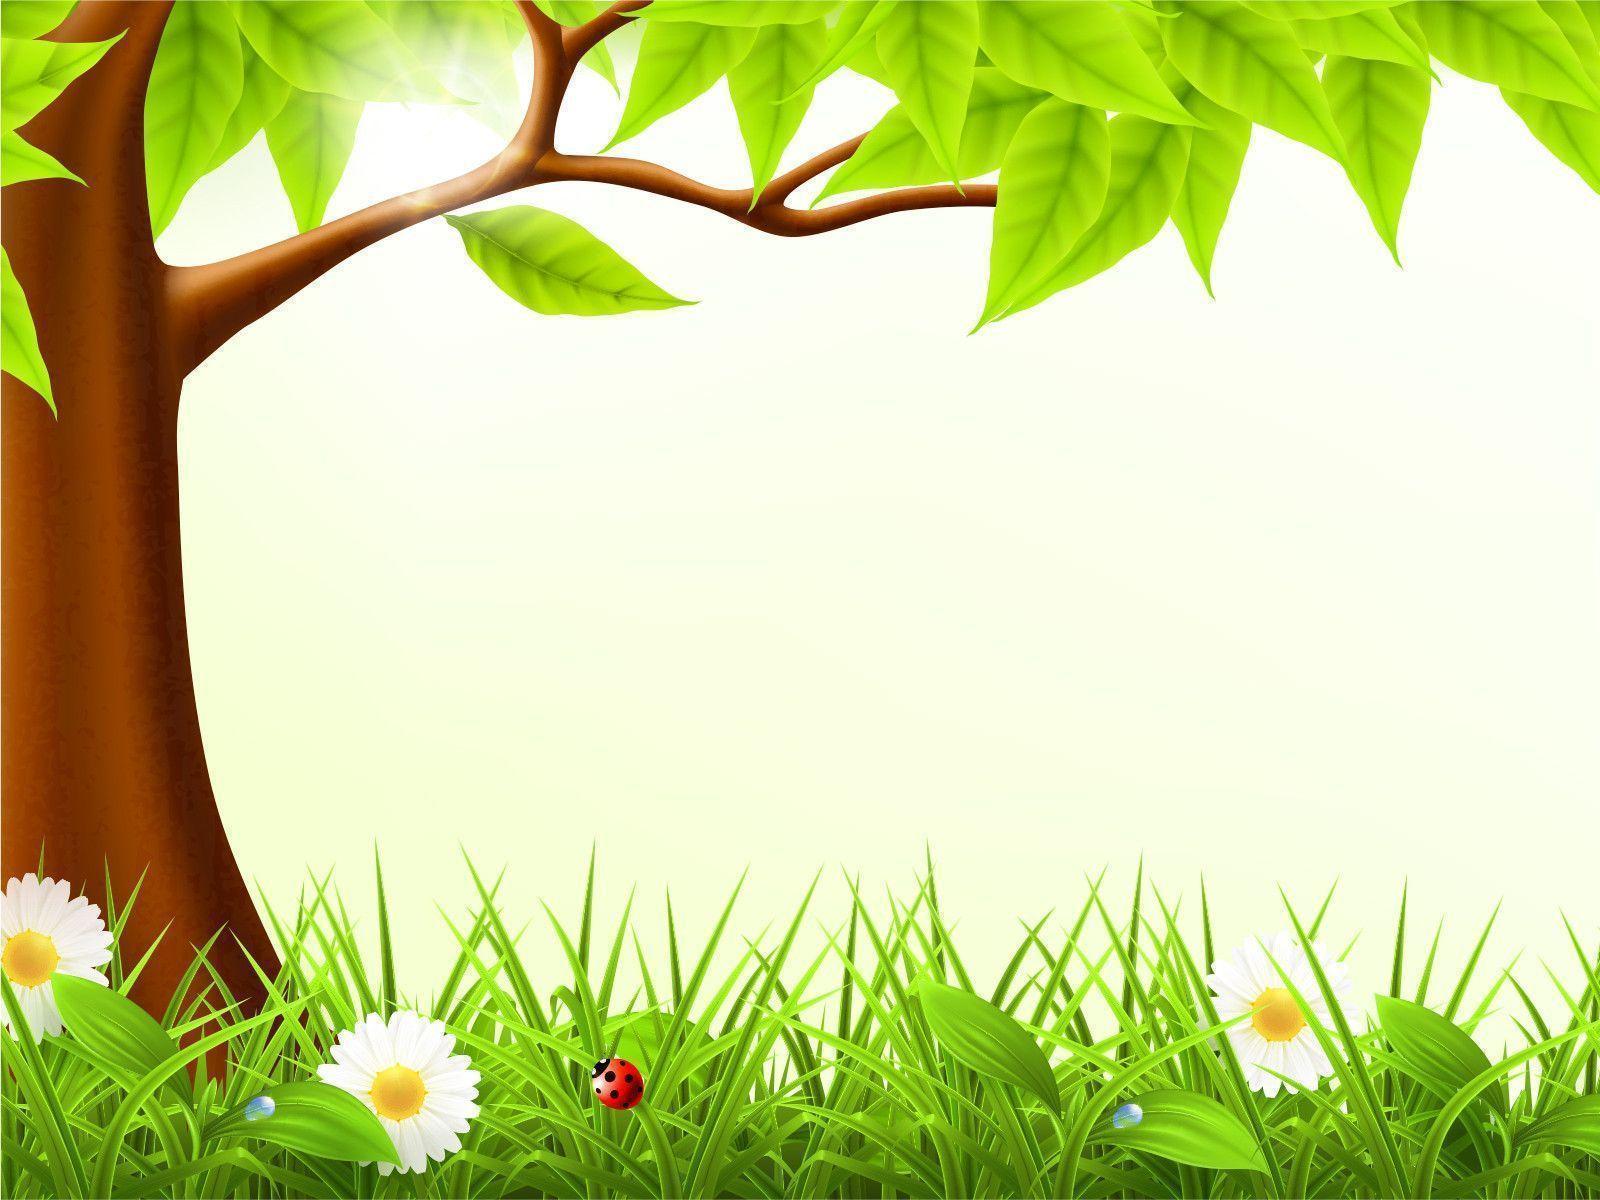 Картинка с деревьями для детей для фона, маяковский объяснение